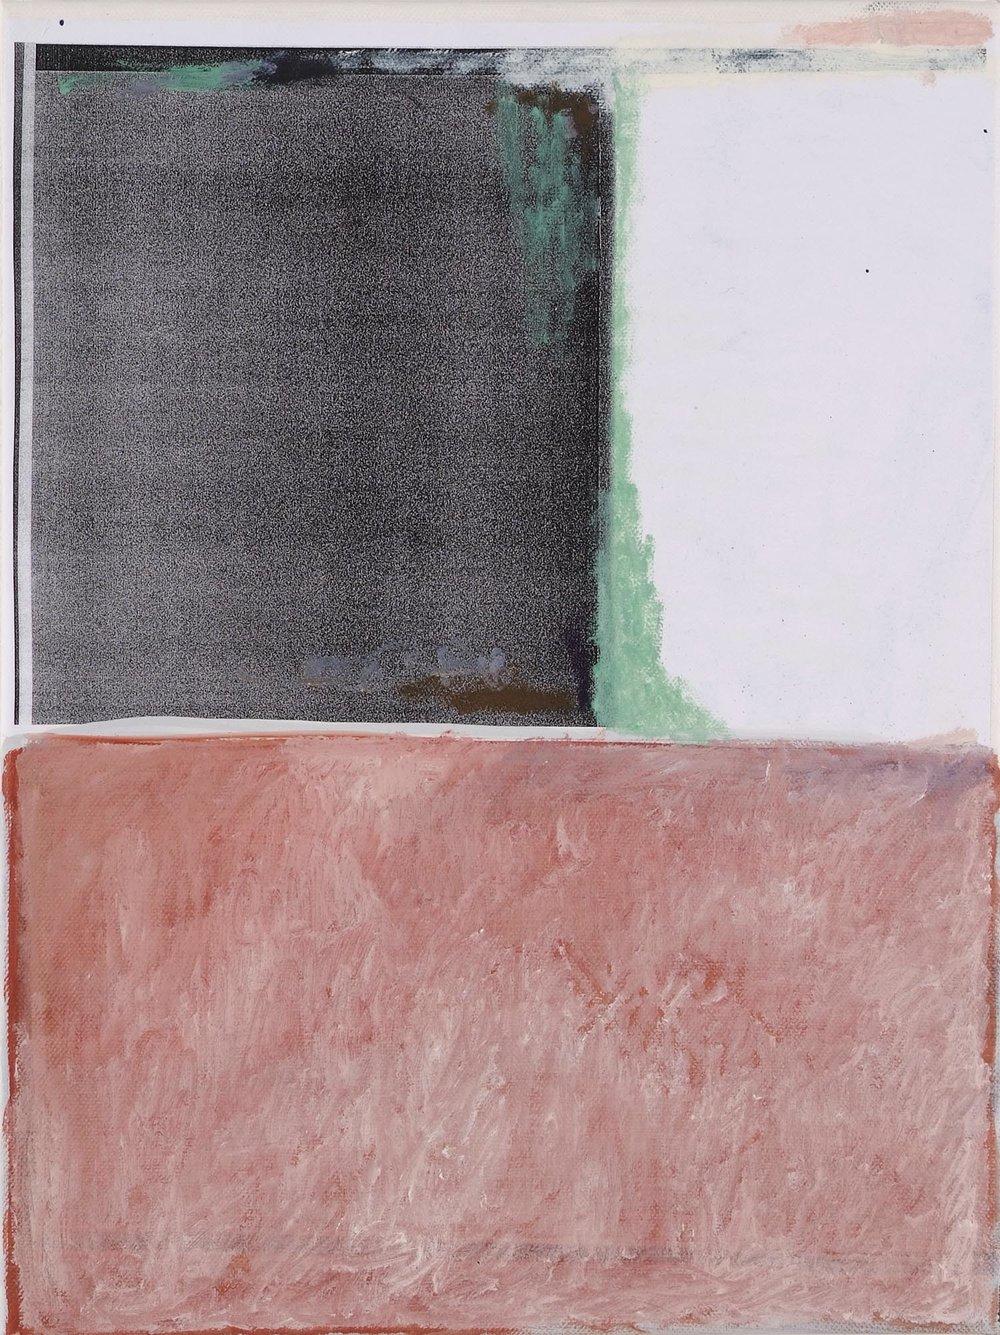 Untitled | 2009 | Öl und Fotokopie auf Leinwand | 40 x 30 cm